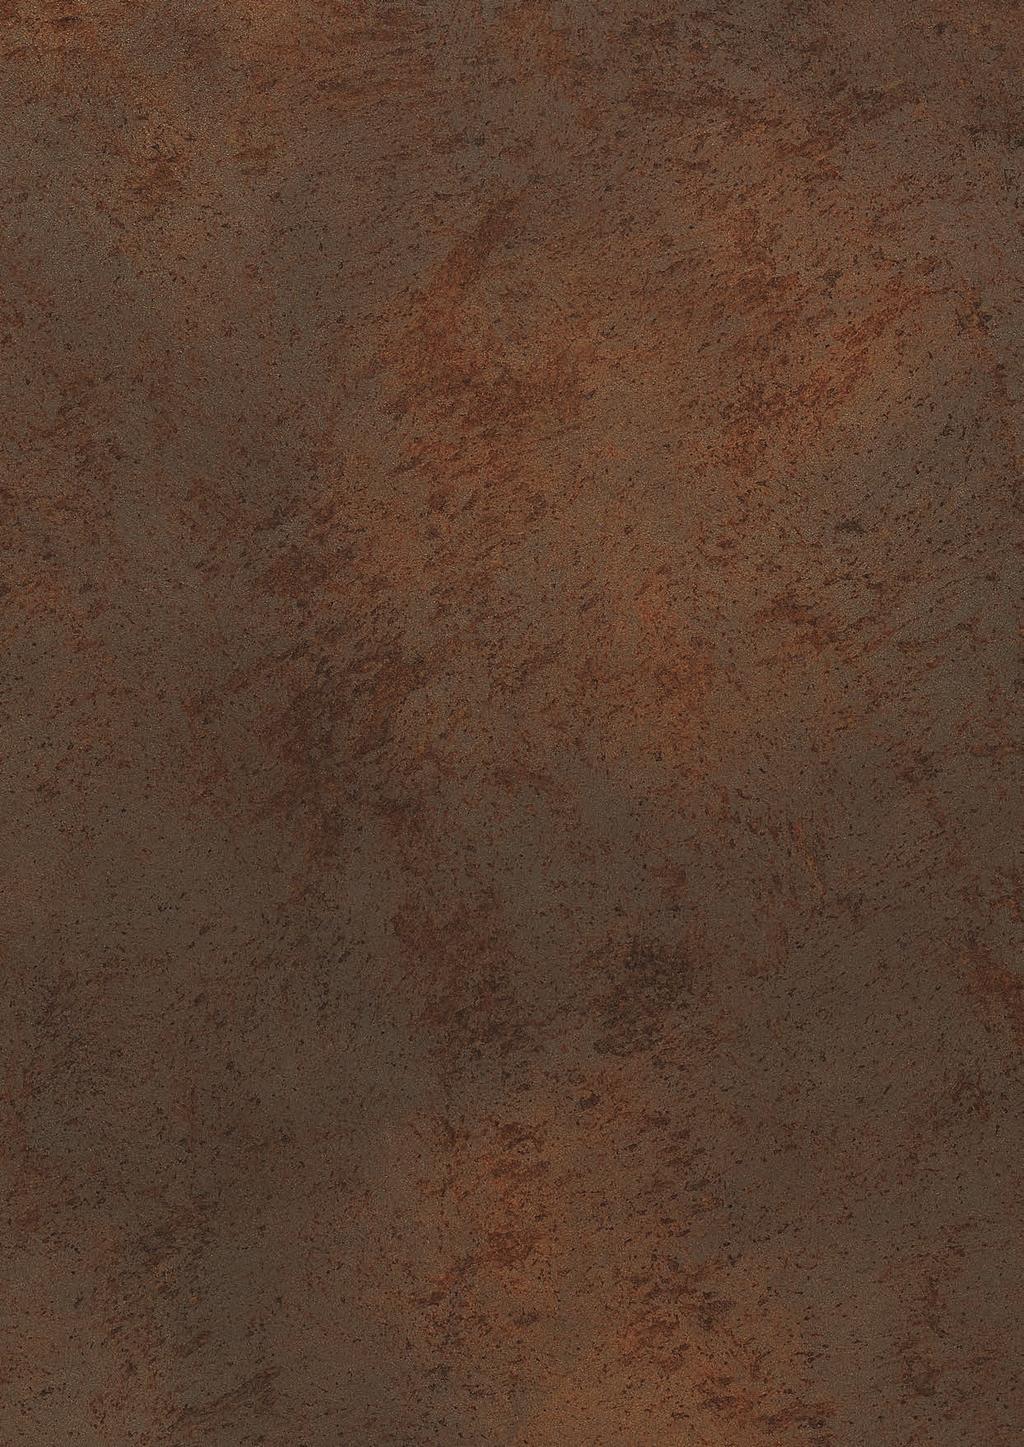 Full Size of Einbauküche Real Echtes Leben Echte Innovationen Life Innovations Günstig Gebrauchte Weiss Hochglanz Ohne Kühlschrank Selber Bauen Gebraucht Obi Ebay Mit E Wohnzimmer Einbauküche Real